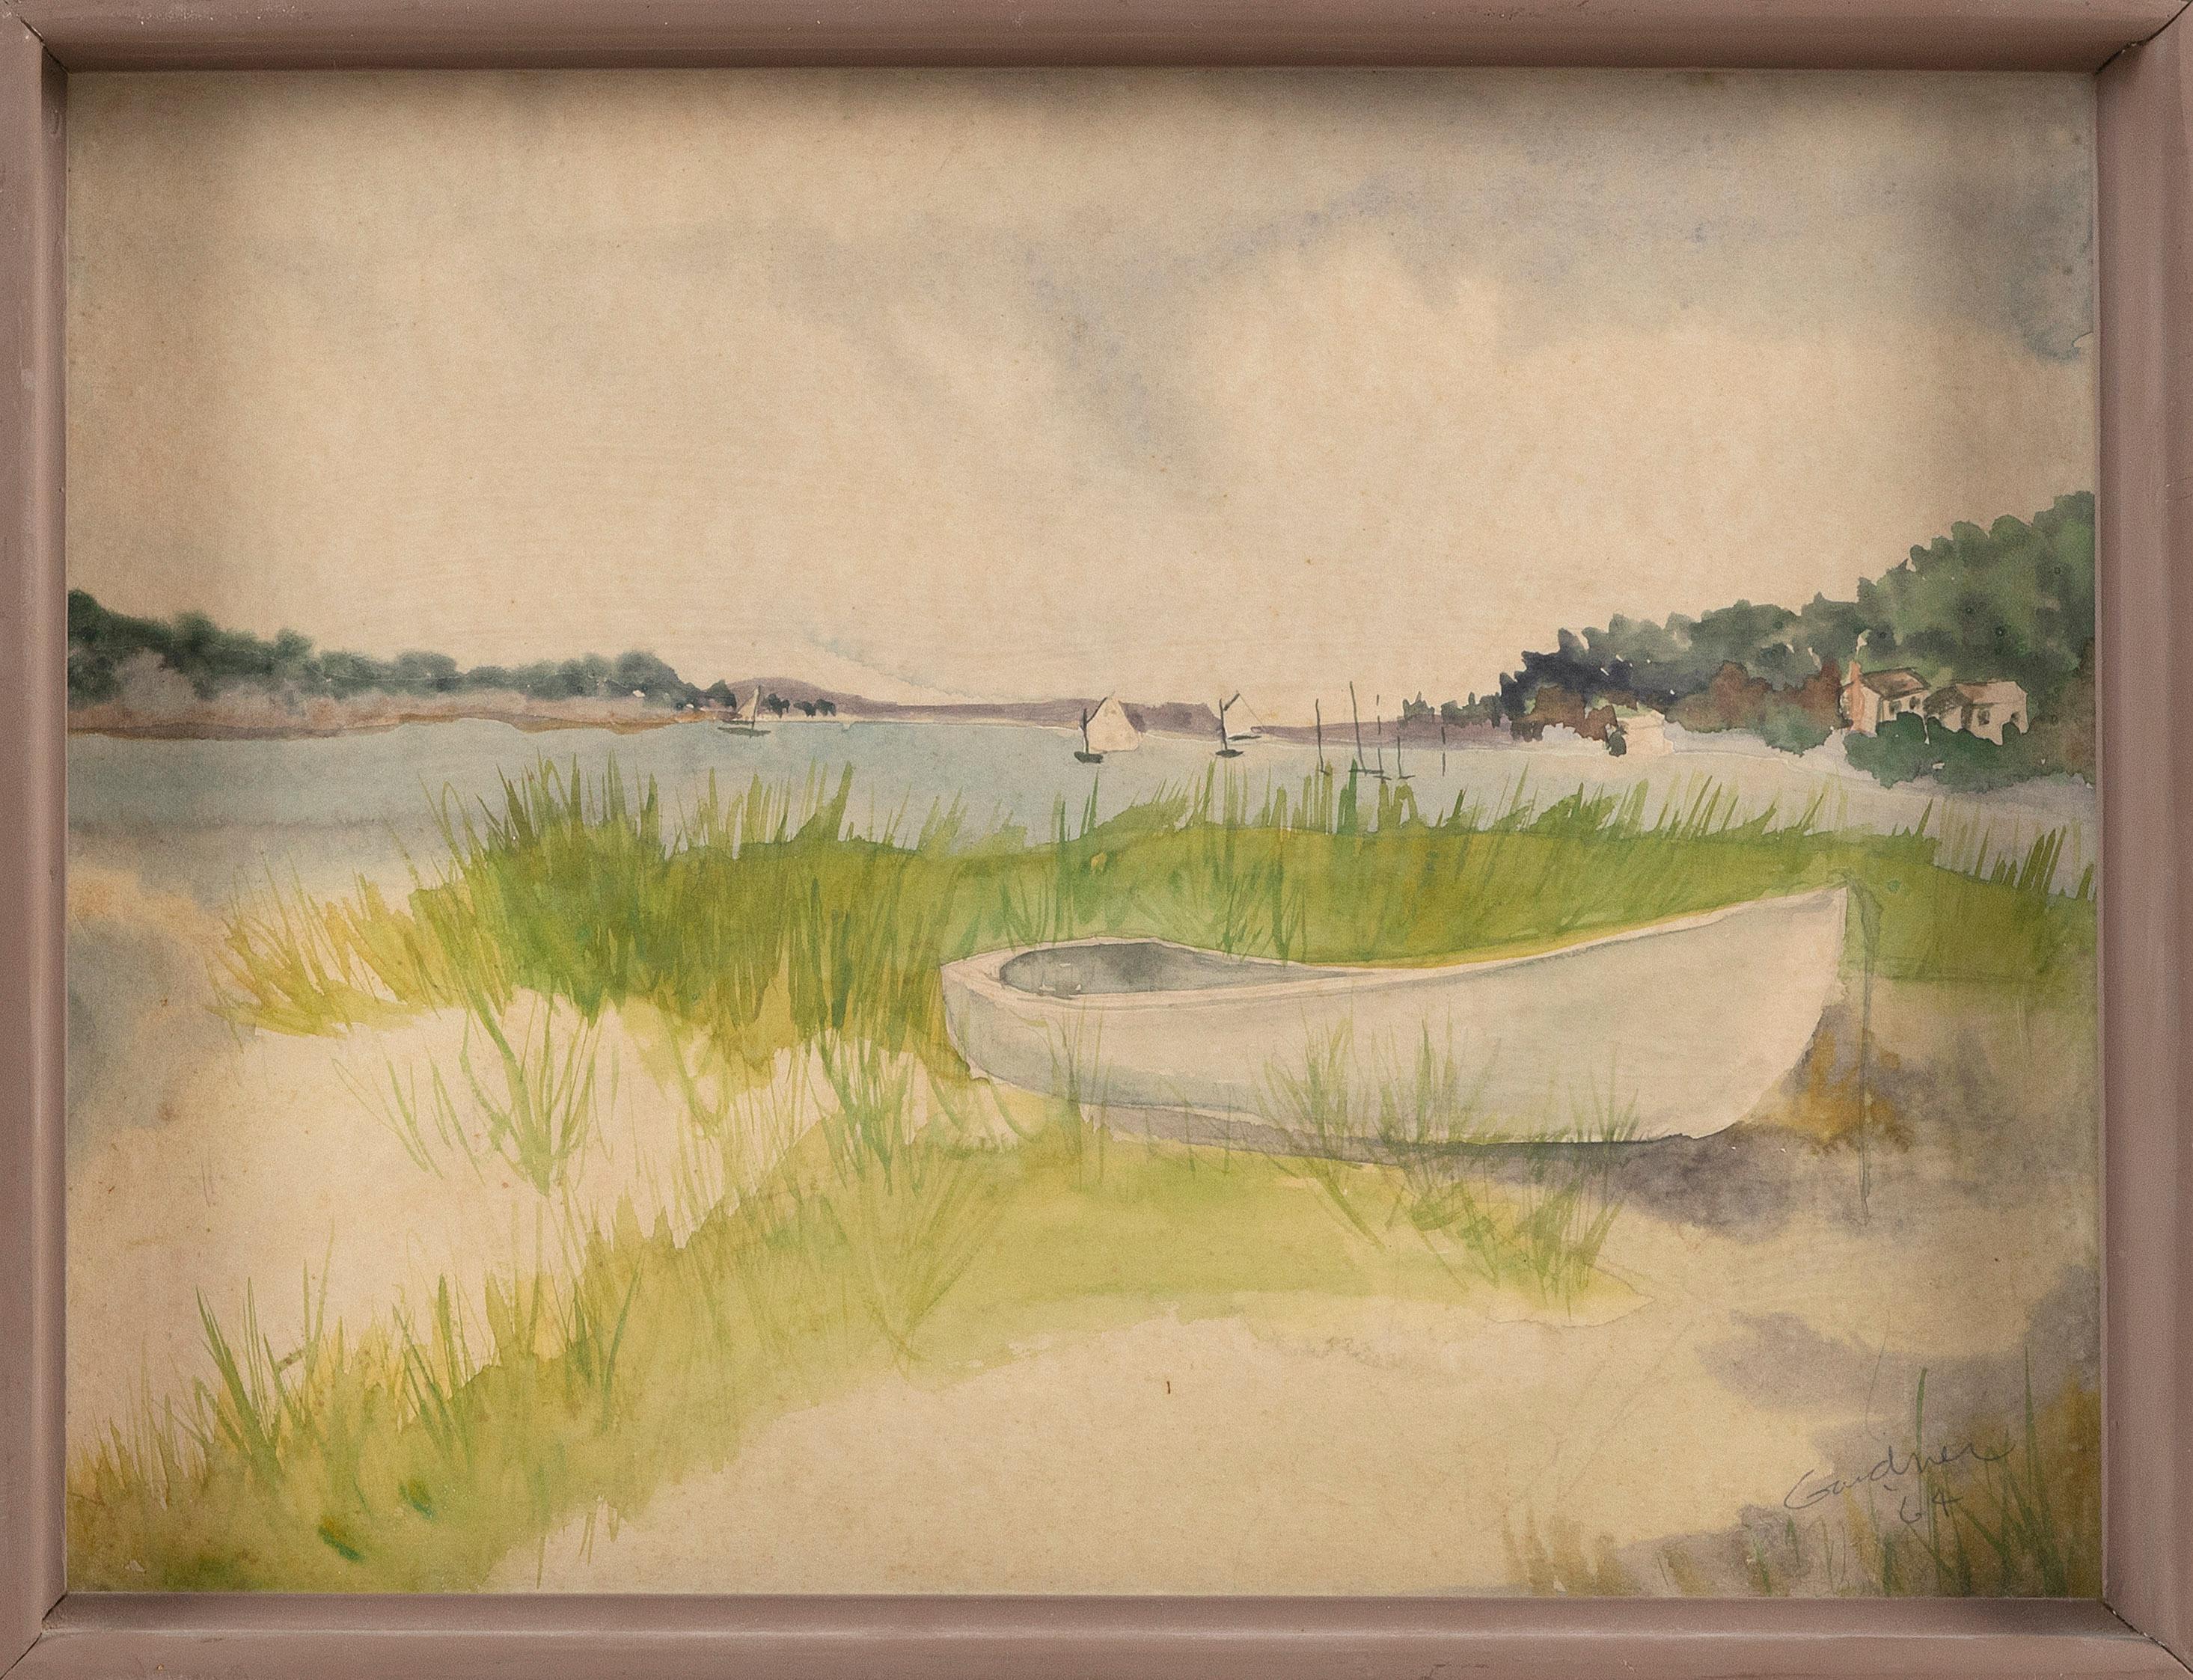 """JOYCE GARDNER ZAVORSKAS (Massachusetts, b. 1945), Head of Town Cove, Orleans, Massachusetts., Watercolor on paper, 12"""" x 16"""". Framed 13"""" x 17""""."""